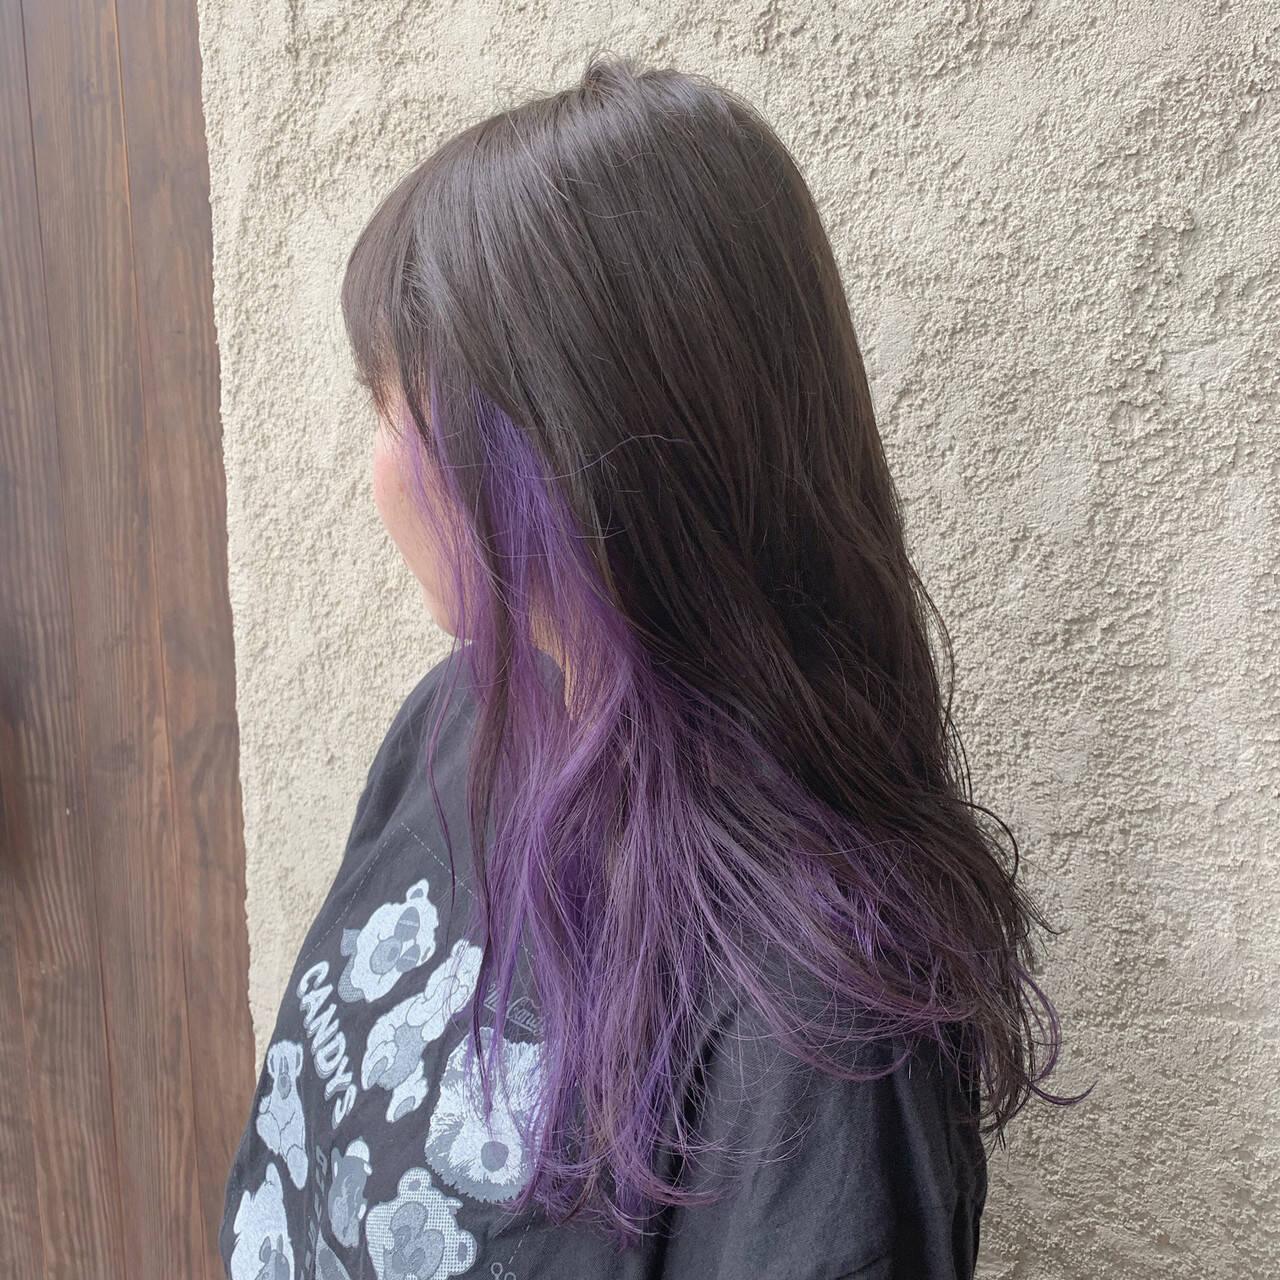 ブリーチ ハイトーンカラー パープルカラー ストリートヘアスタイルや髪型の写真・画像